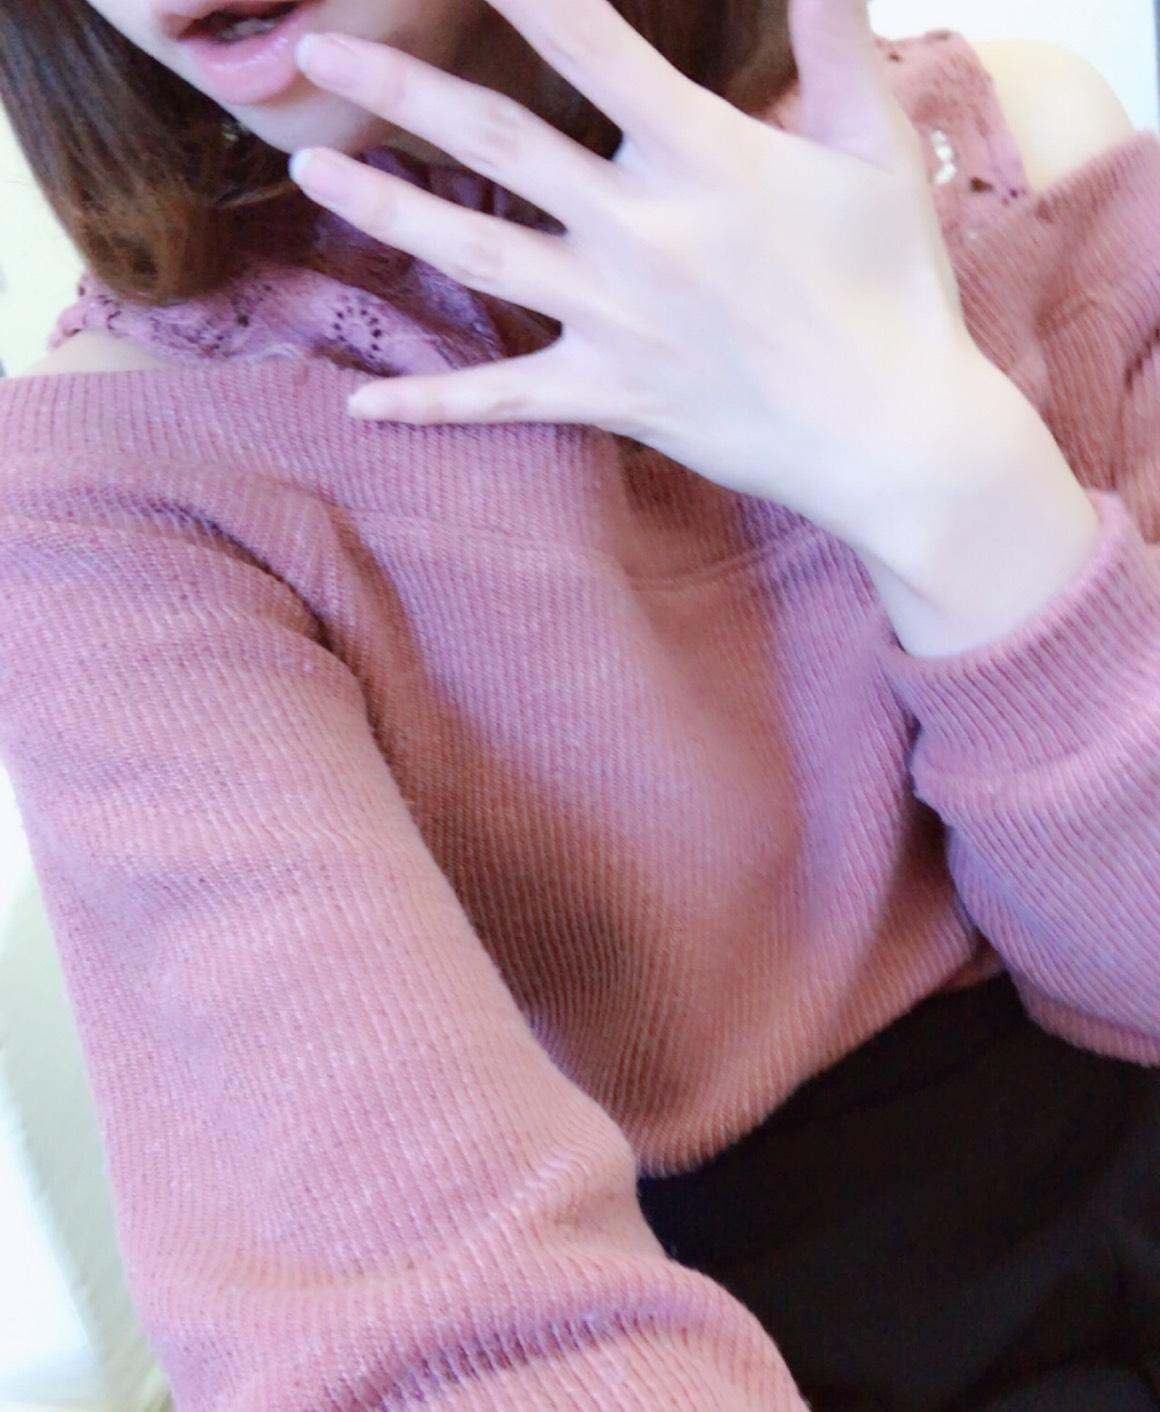 「こんにちわ」11/15(11/15) 23:31 | ひまりの写メ・風俗動画